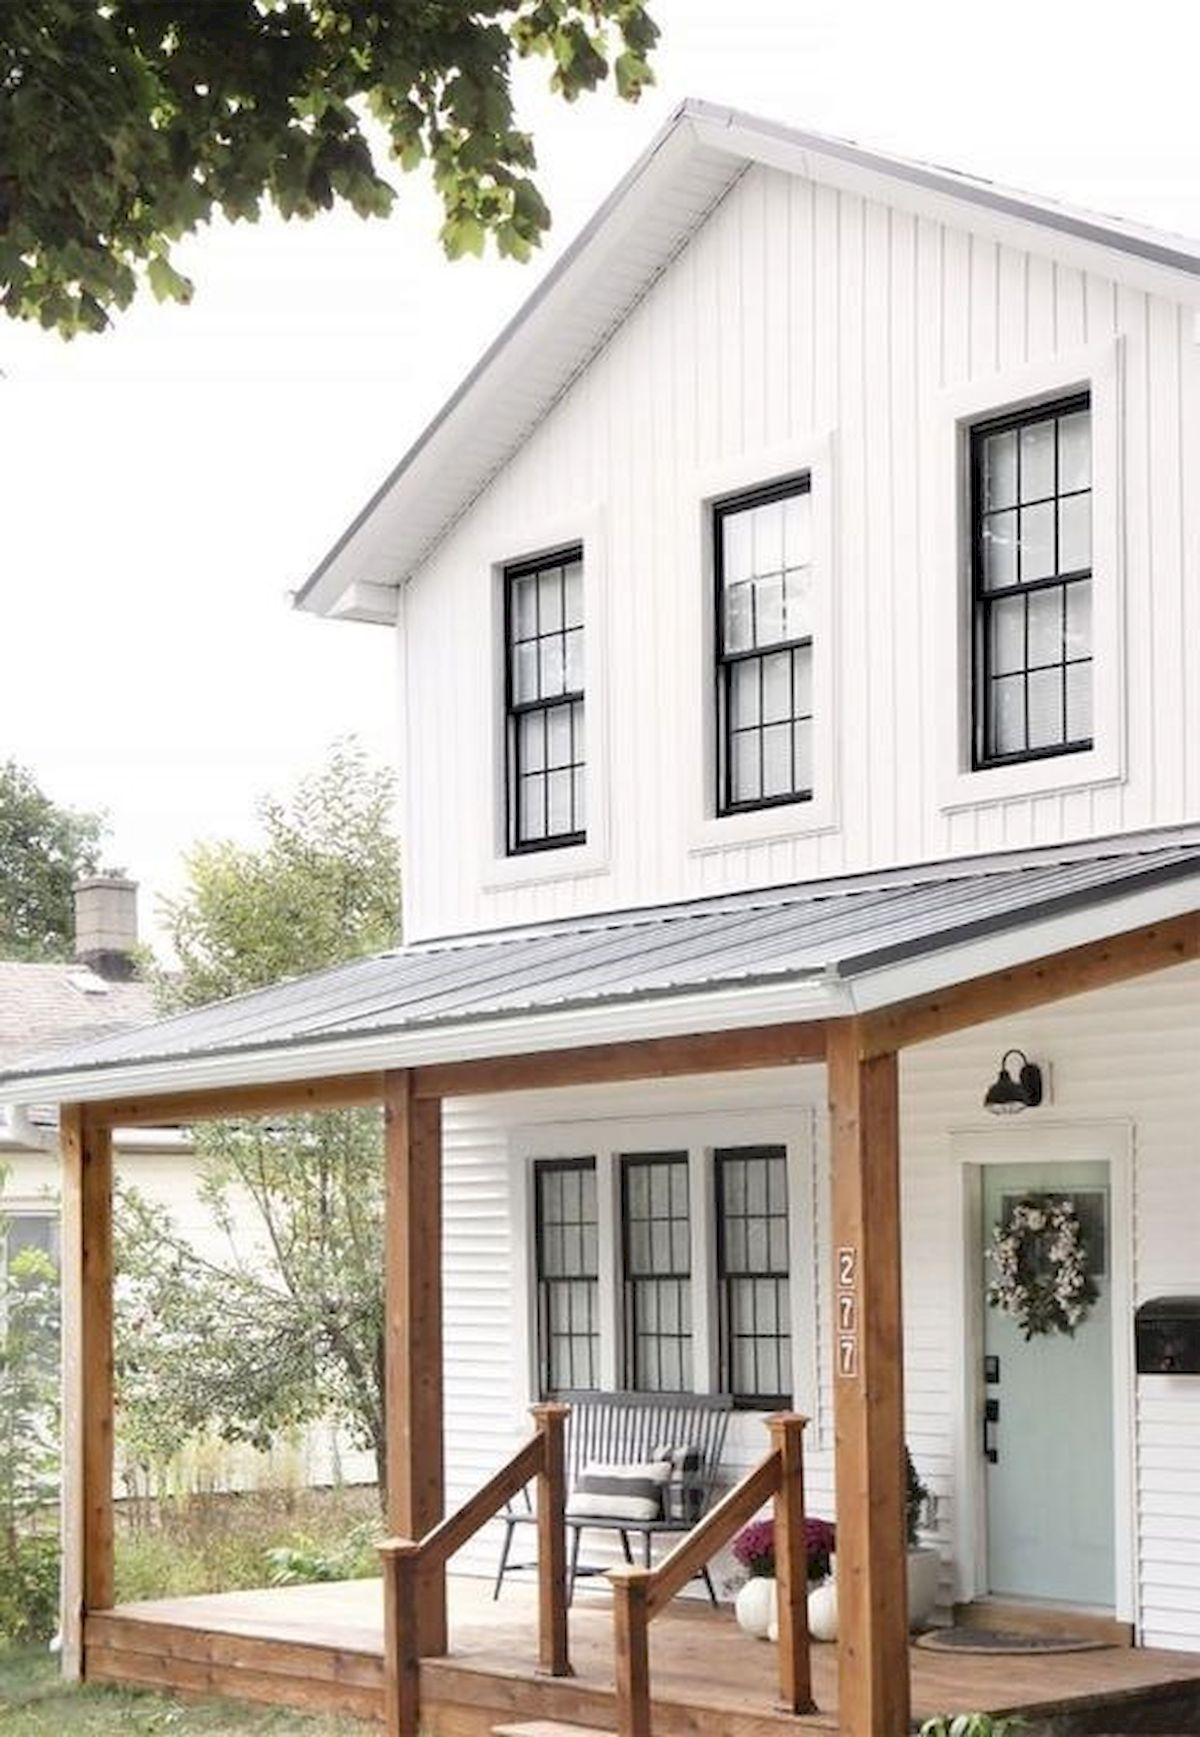 46 Awesome Farmhouse Home Exterior Design Ideas (14)